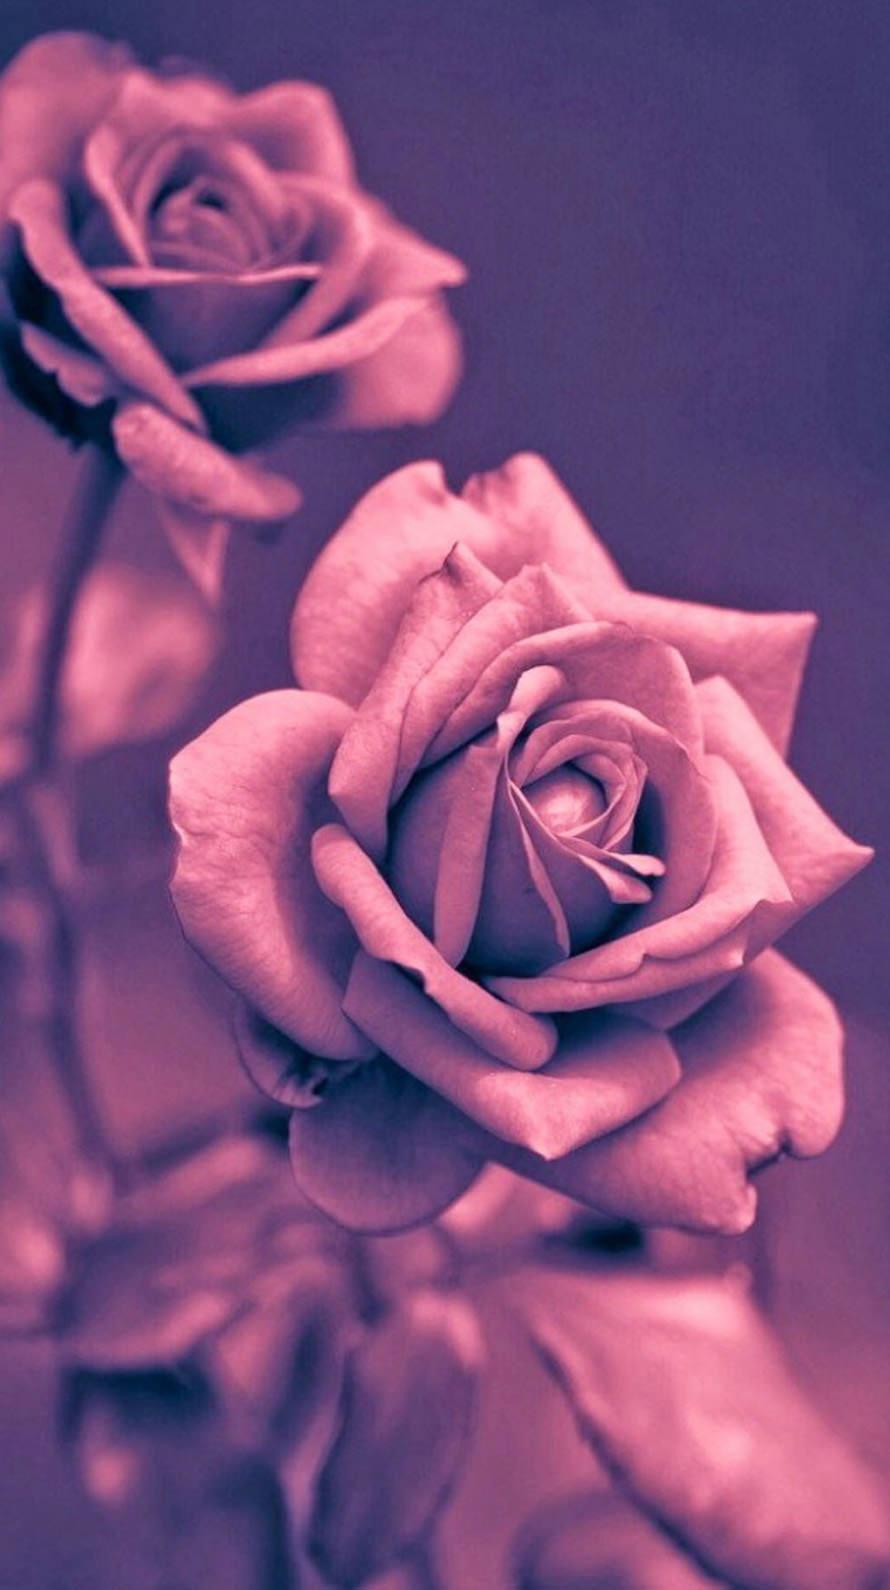 綺麗な赤い薔薇 iPhone6壁紙